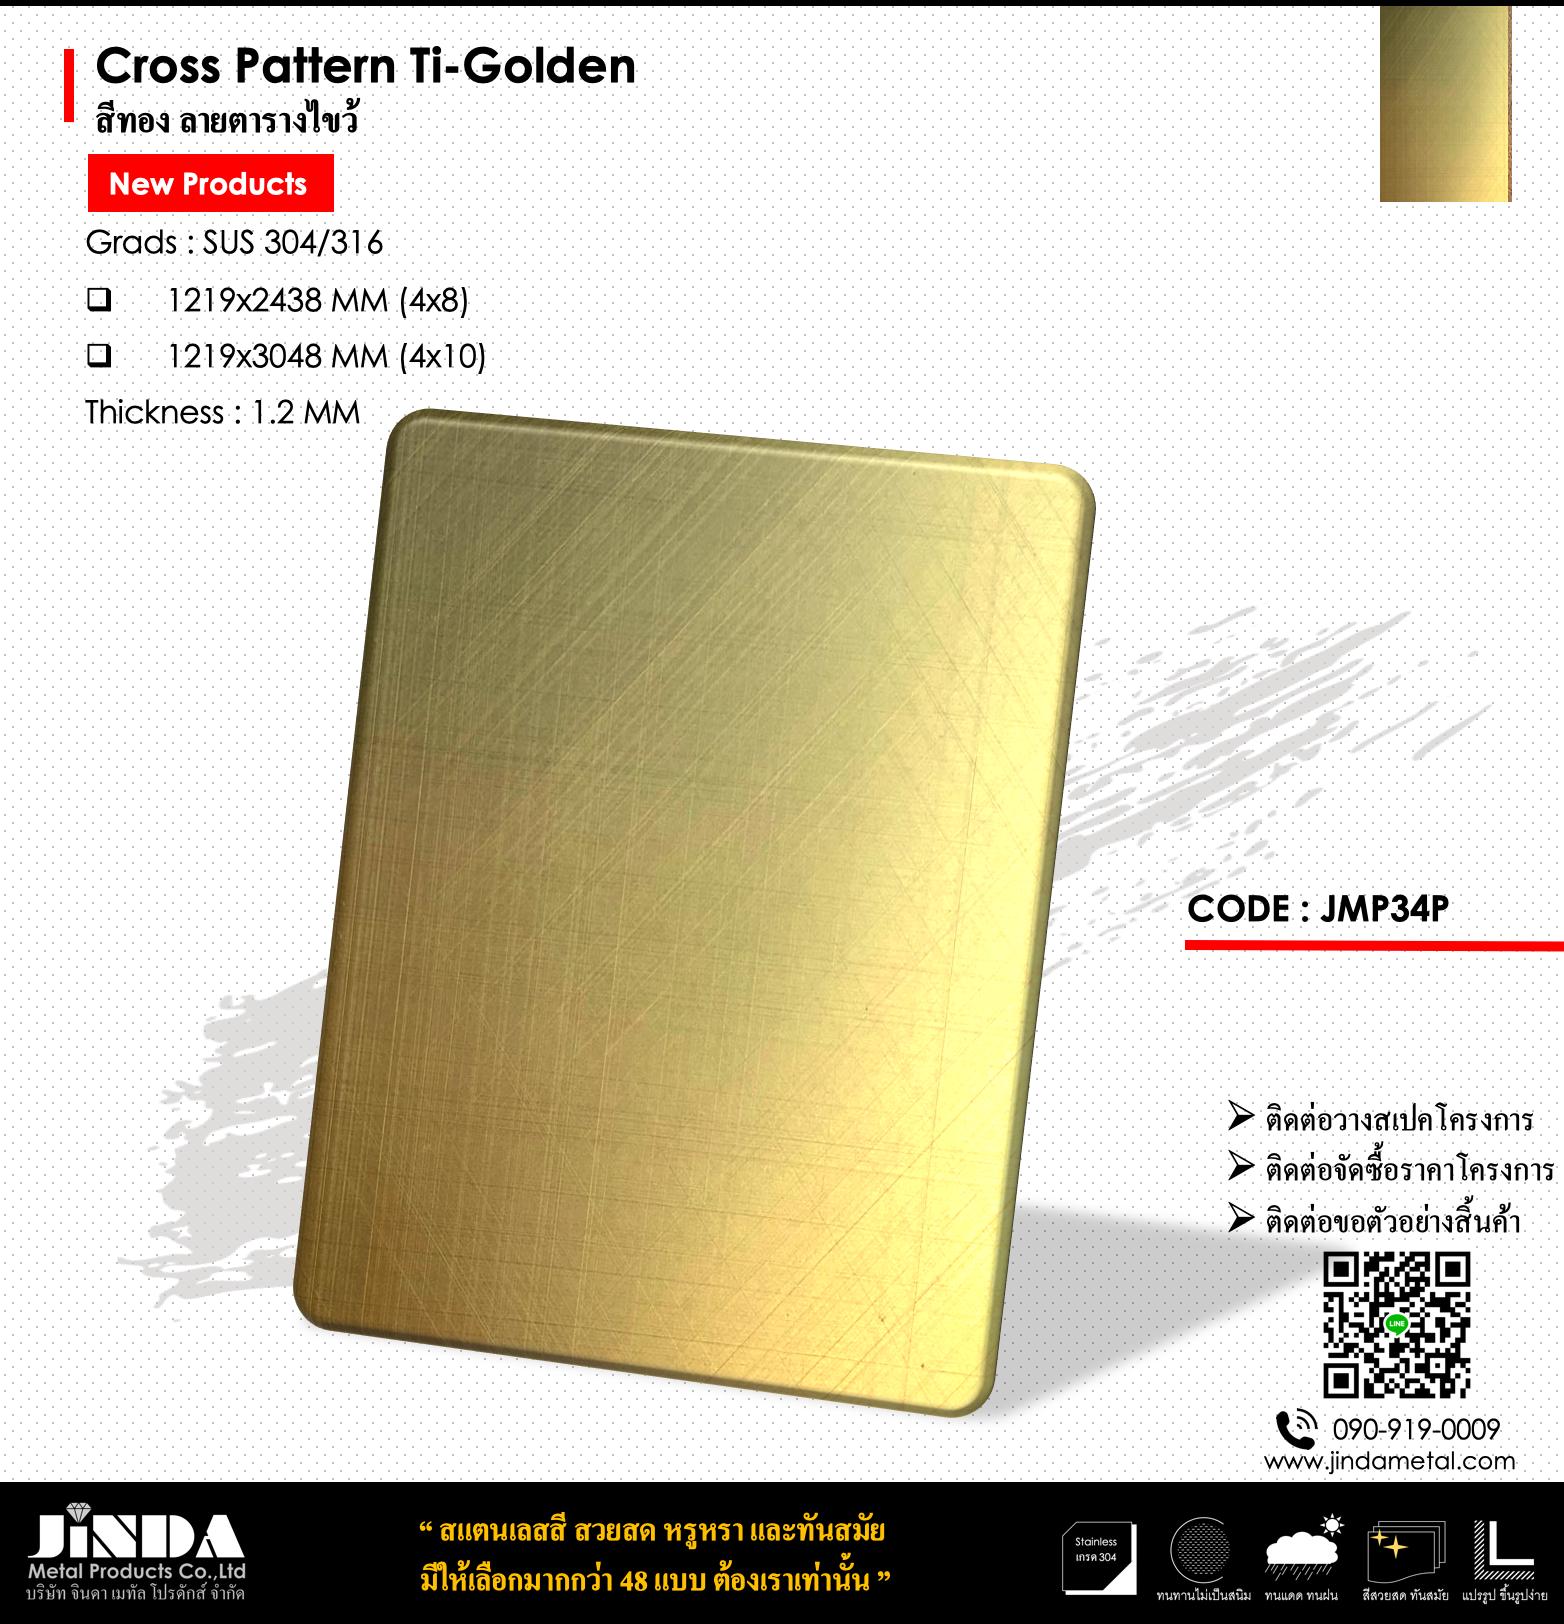 Cross Pattern Ti-Golden สีทอง ลายตารางไขว้